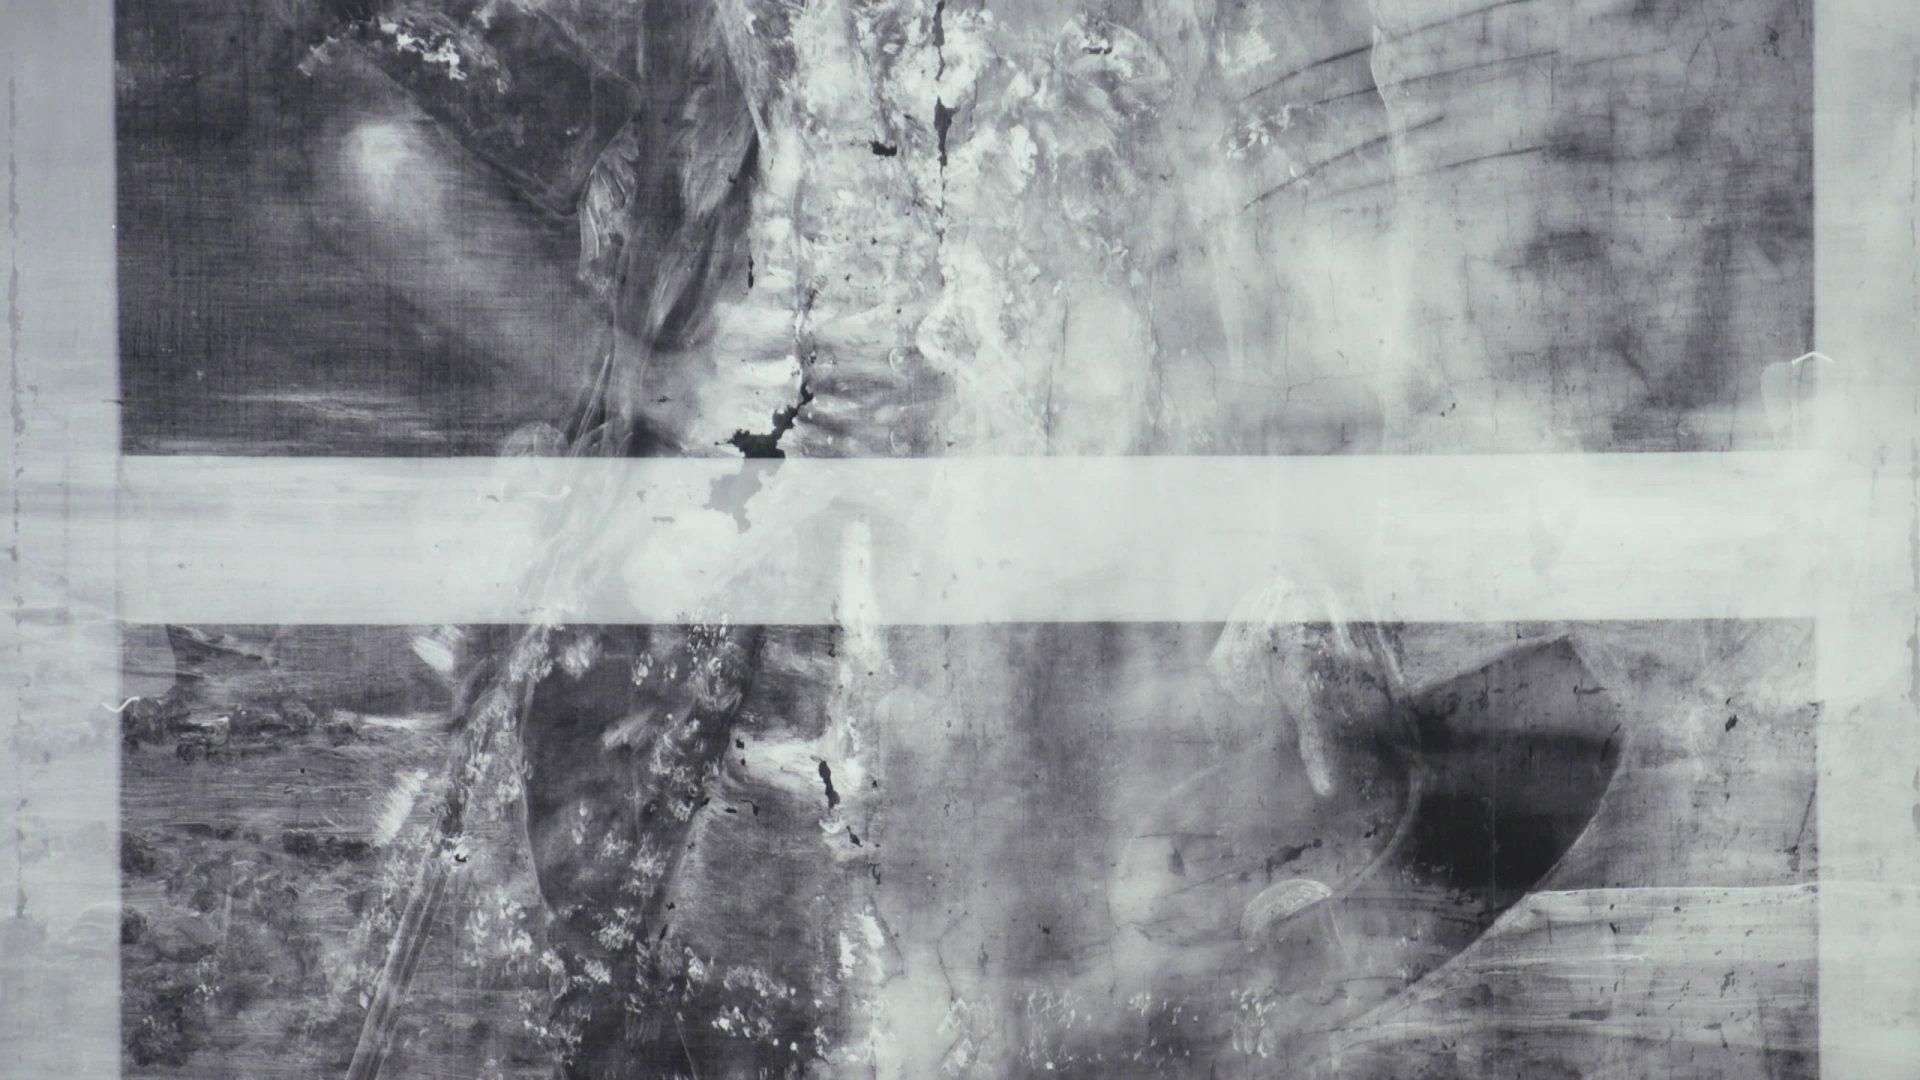 Imagen de película: Un Fantasma Recorre